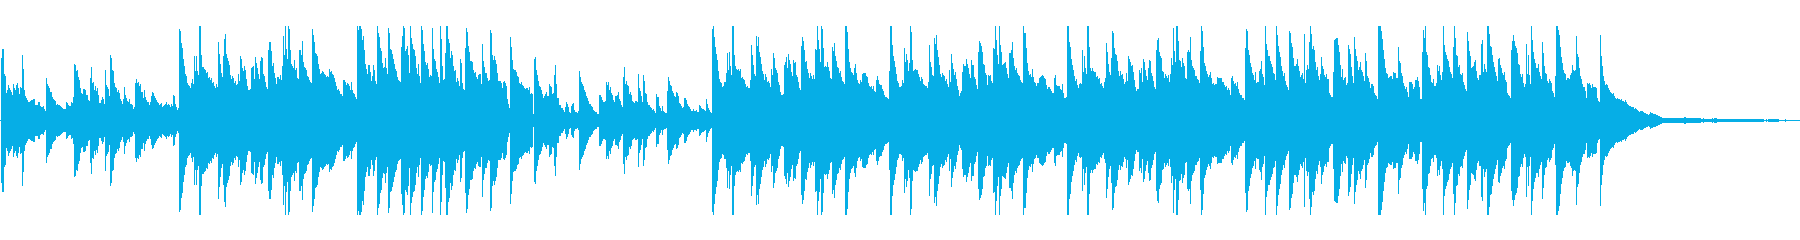 ピアノをテーマにした、ジャジーでム...の再生済みの波形